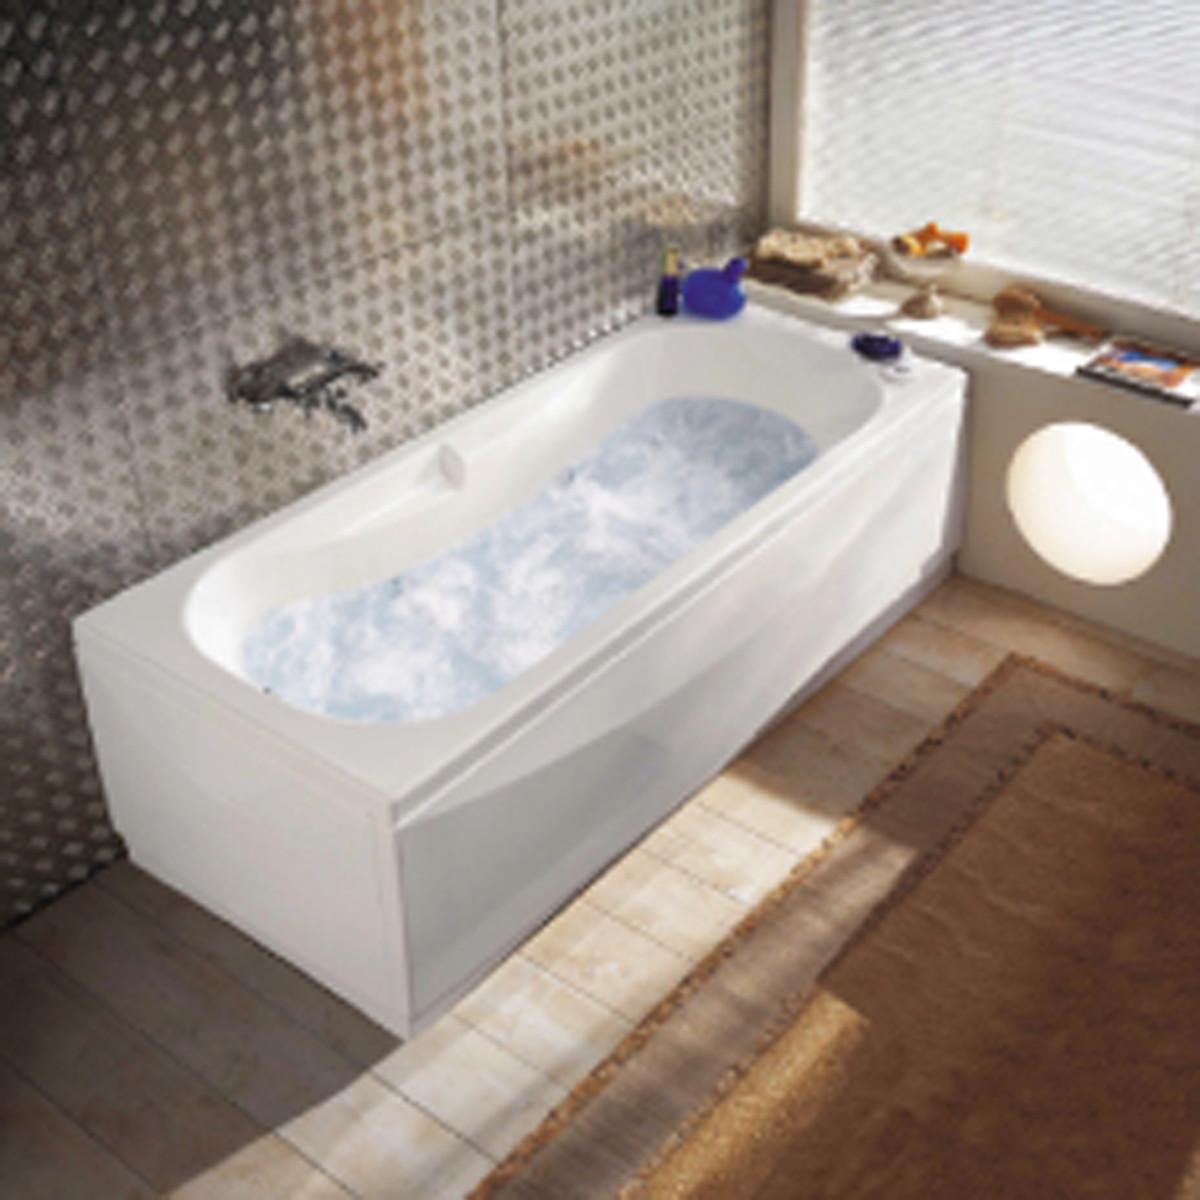 Vasca idromassaggio jamaica prezzo e offerte sottocosto - Vasca da bagno con piedini ...